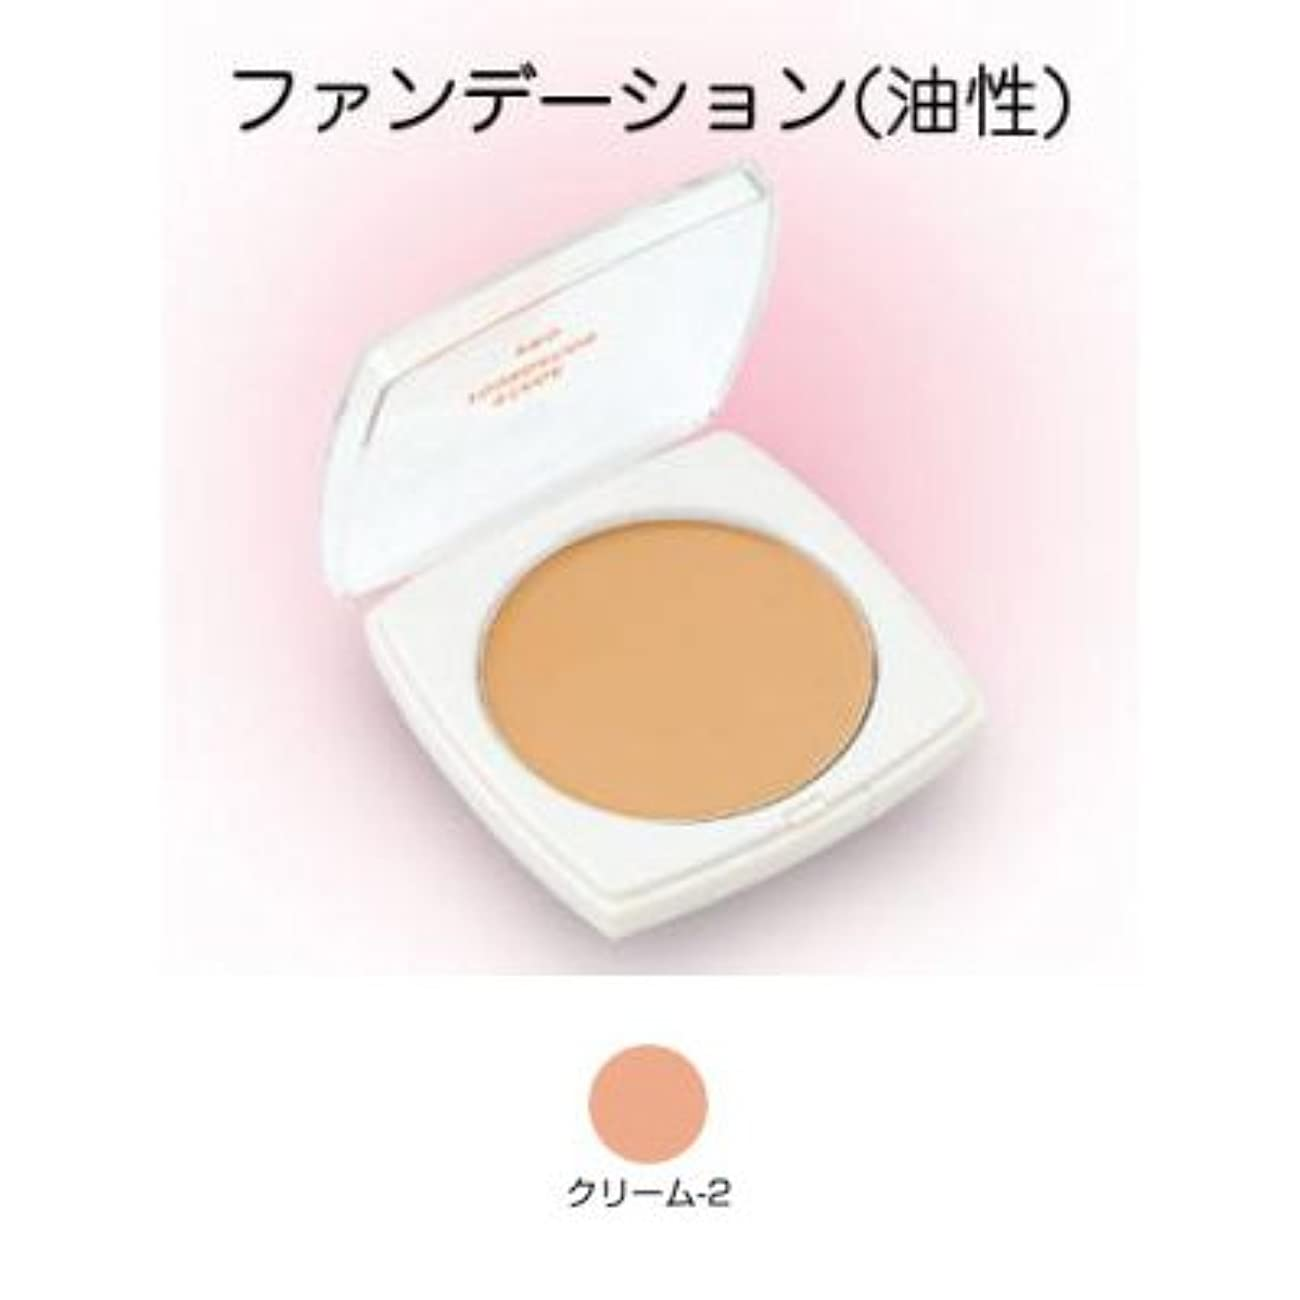 ブランチ設計図保有者ステージファンデーション プロ 13g クリーム-2 【三善】